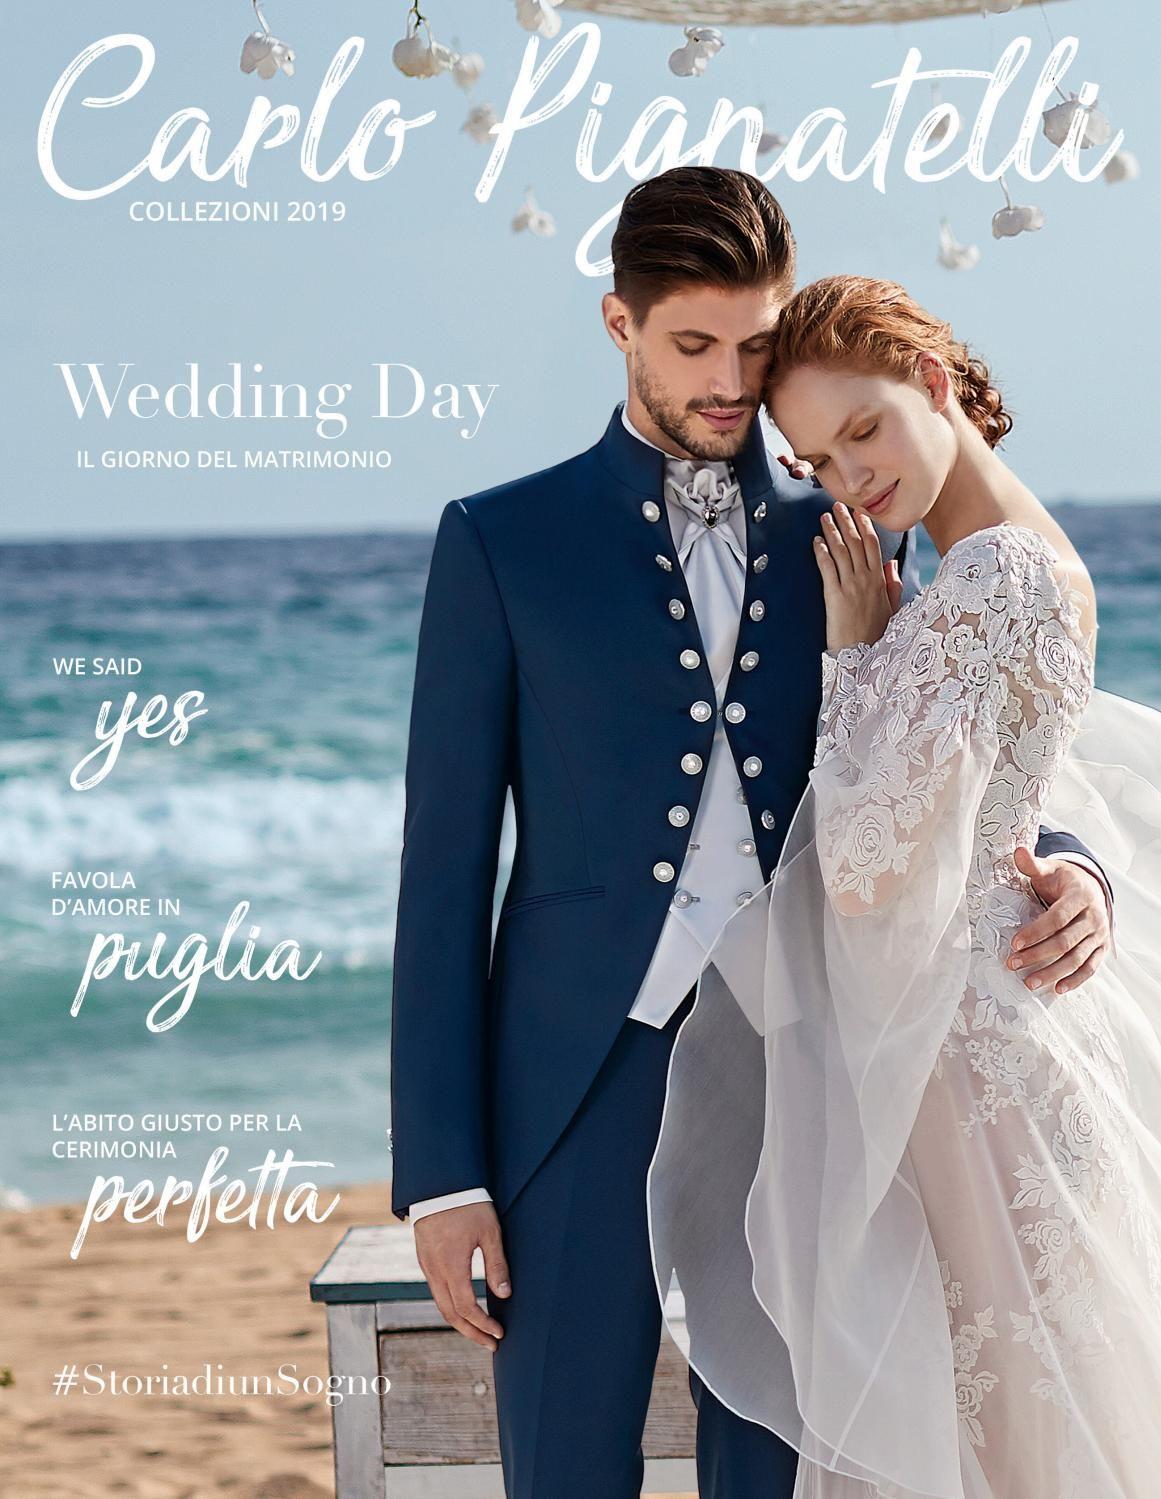 fa47508f81a6 Catalogo Carlo Pignatelli Wedding Day 2019